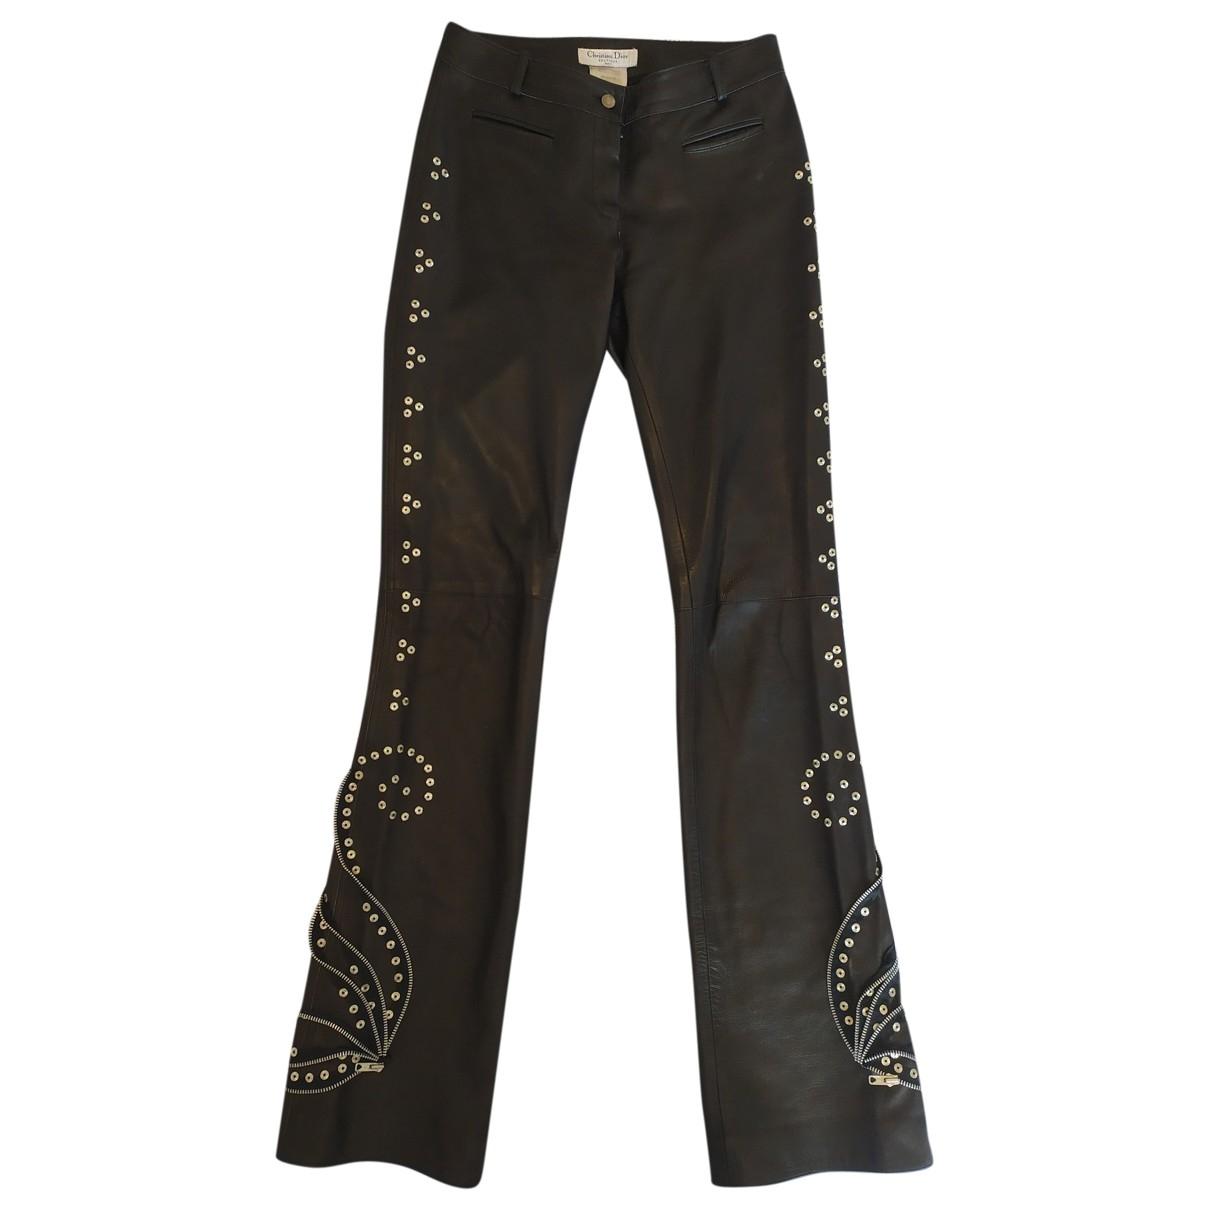 Pantalon de Cuero Dior